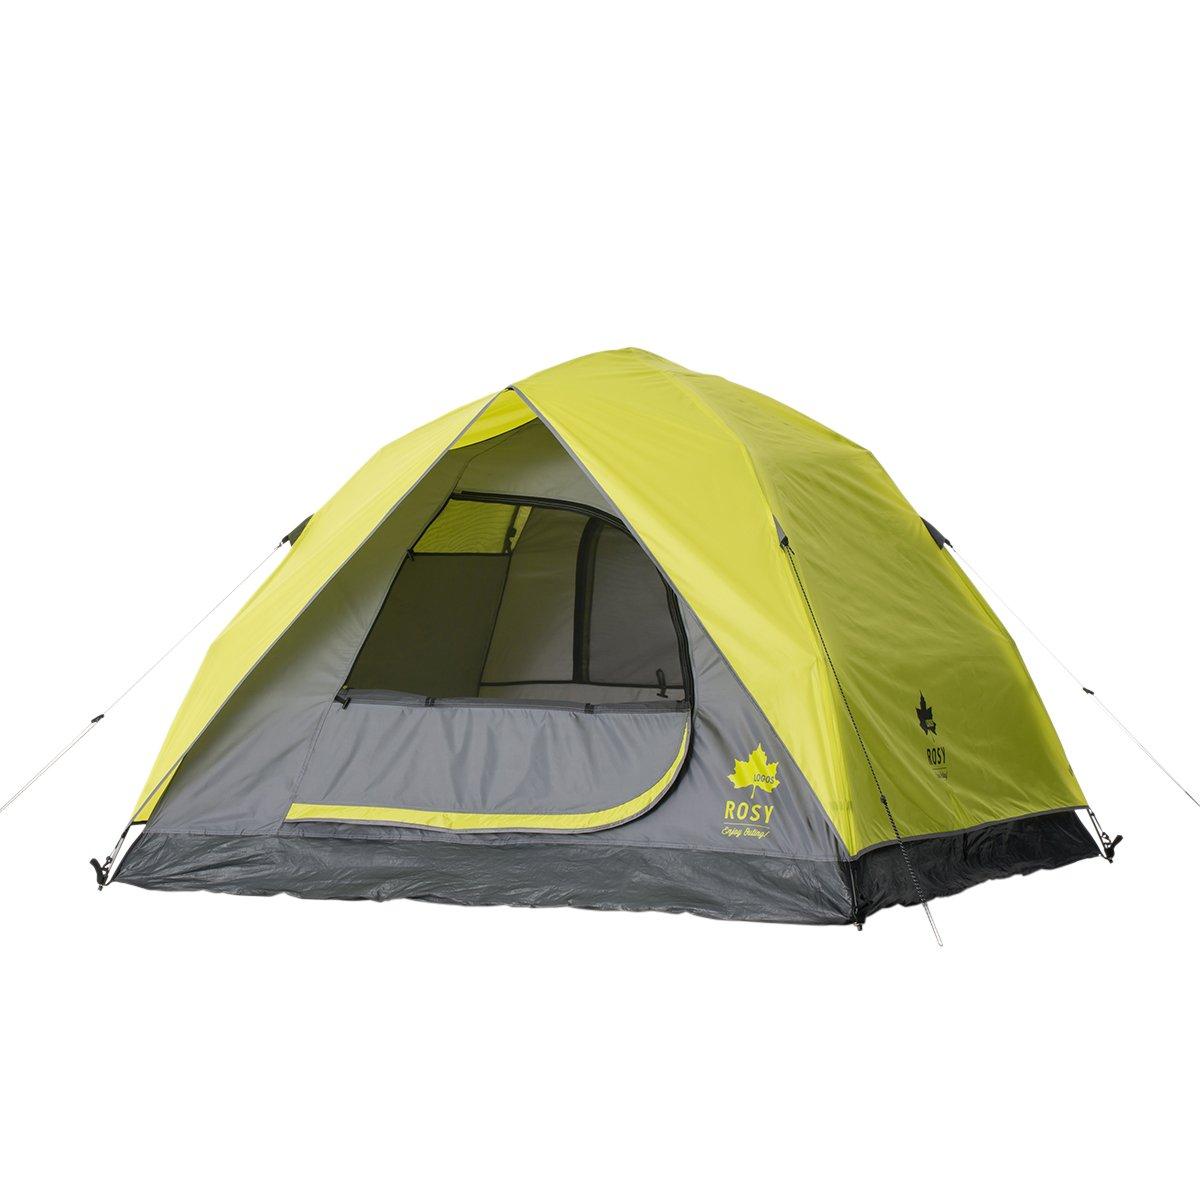 ロゴス(LOGOS) テント ROSY Q-TOP サンドーム M(2~3人用)ハーフフライ タイプ キャリーバッグ付き